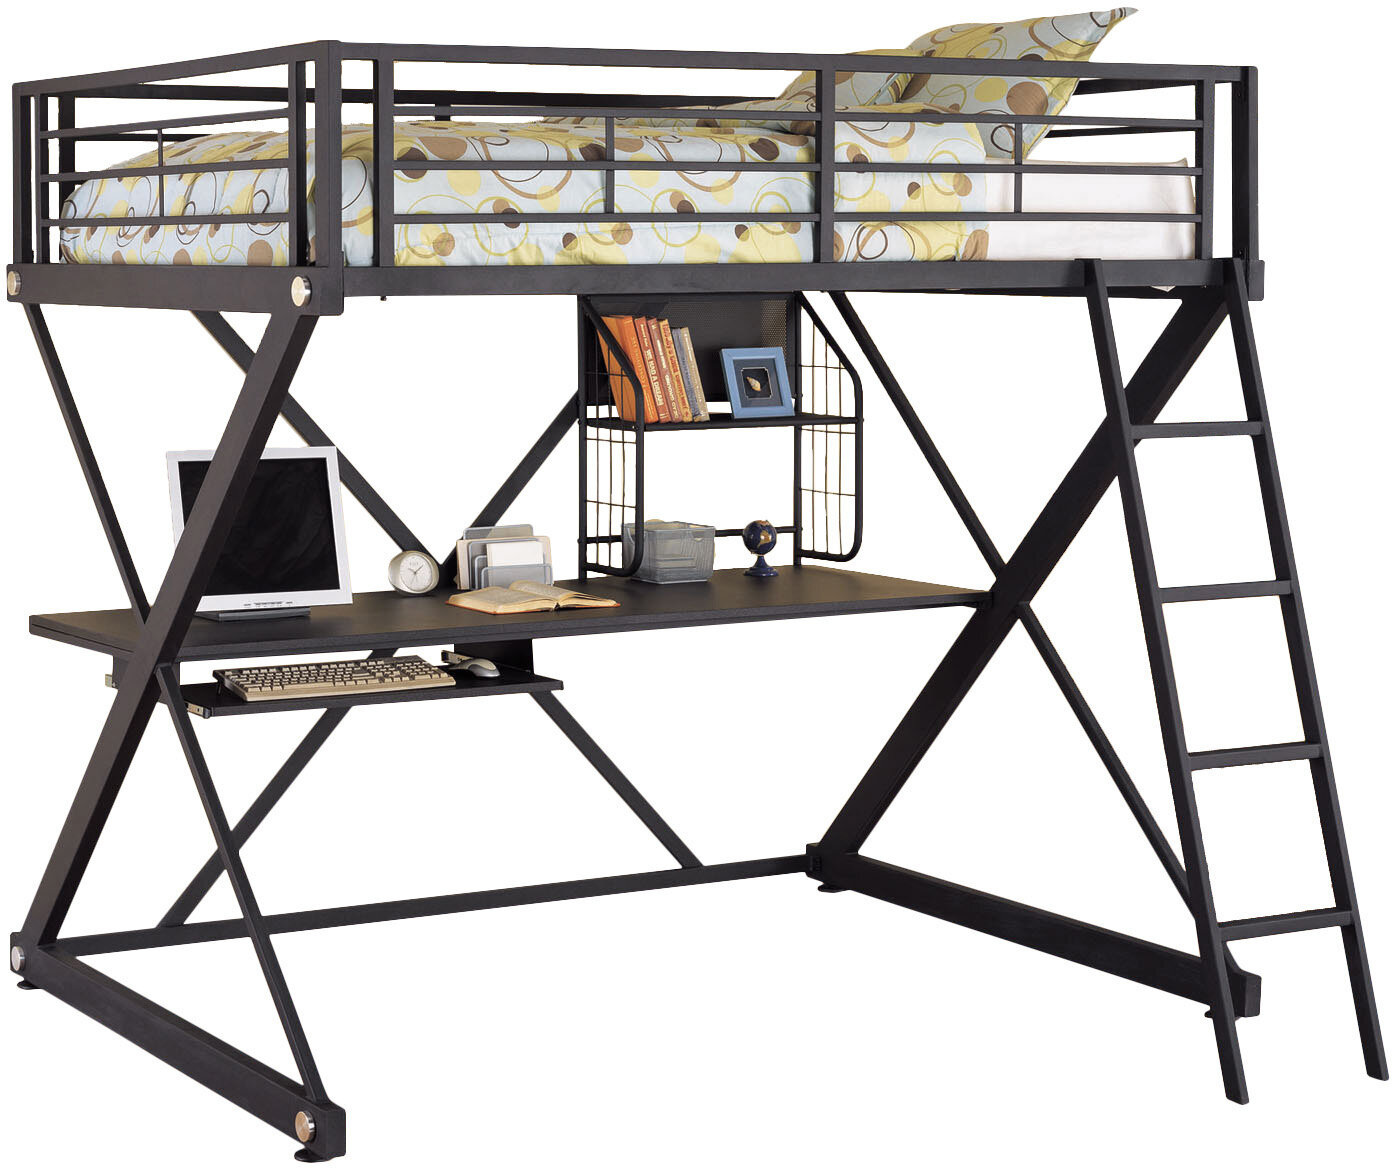 Powell furniture z bedroom full over full loft bed ebay for Powell z bedroom furniture